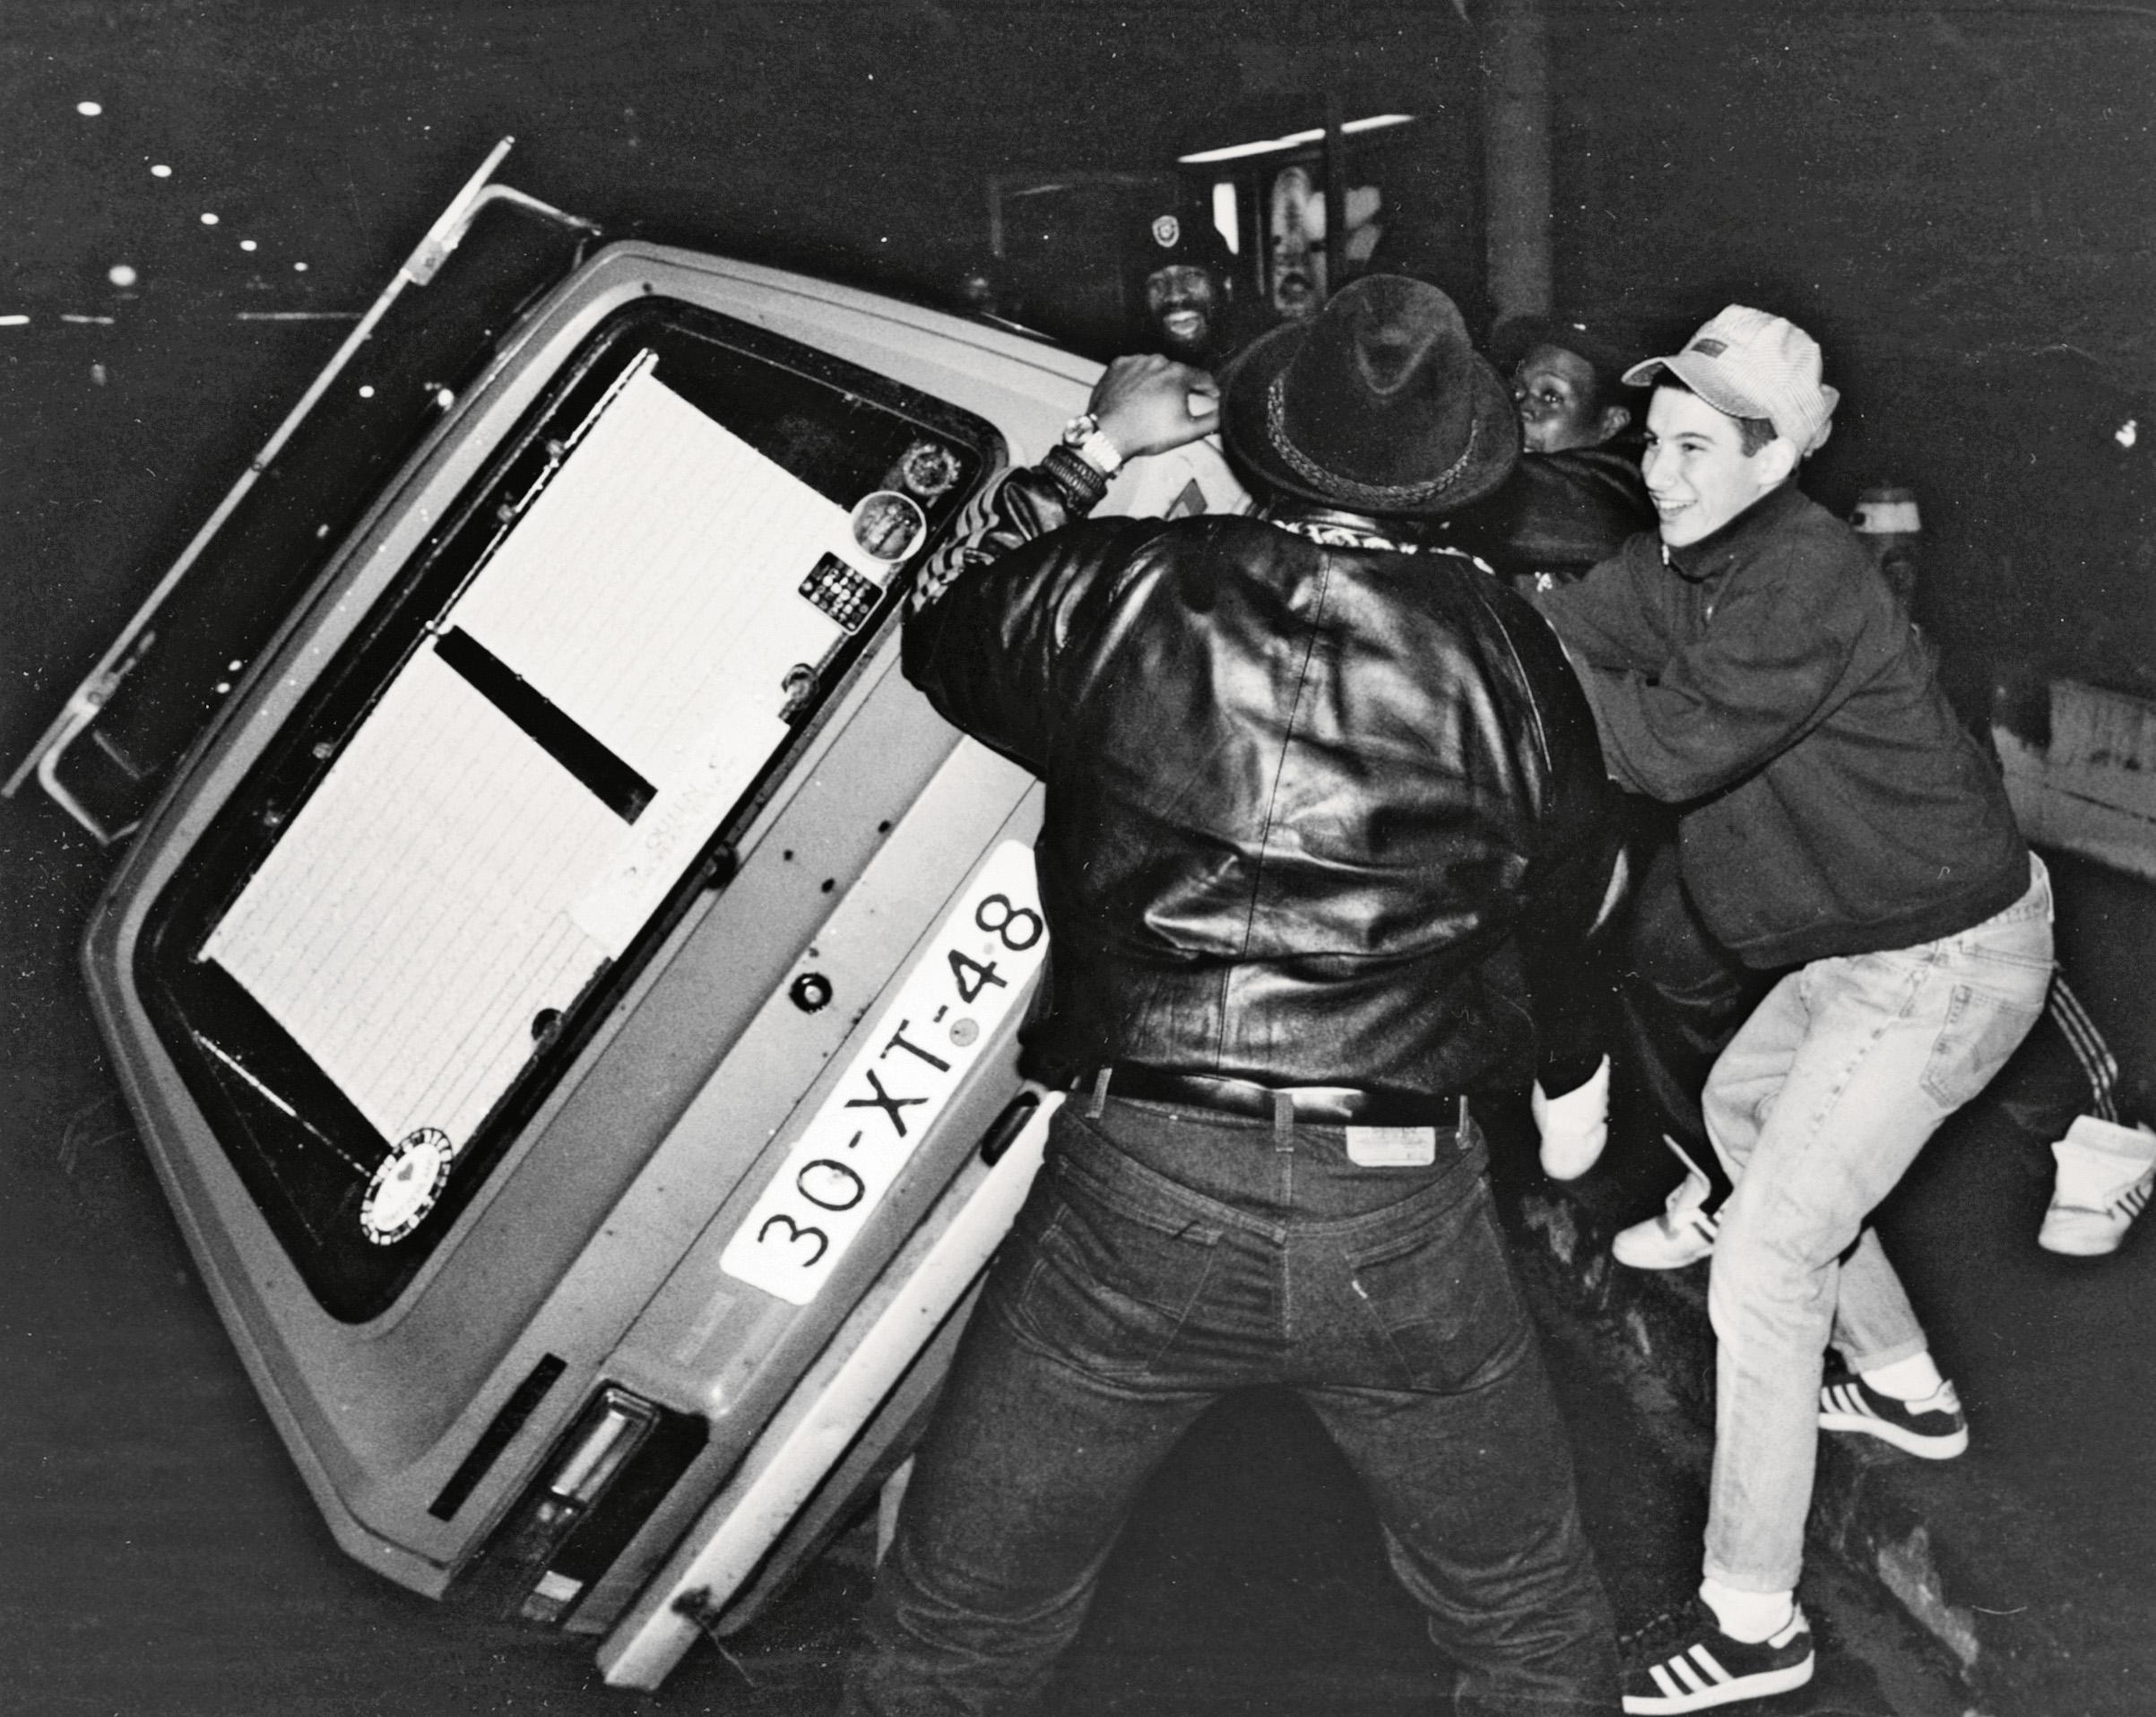 Адам Хоровиц (лицом ккамере) ифанаты Beastie Boys переворачивают машину во время гастролей группы вШвейцарии, ок. 1987 г.